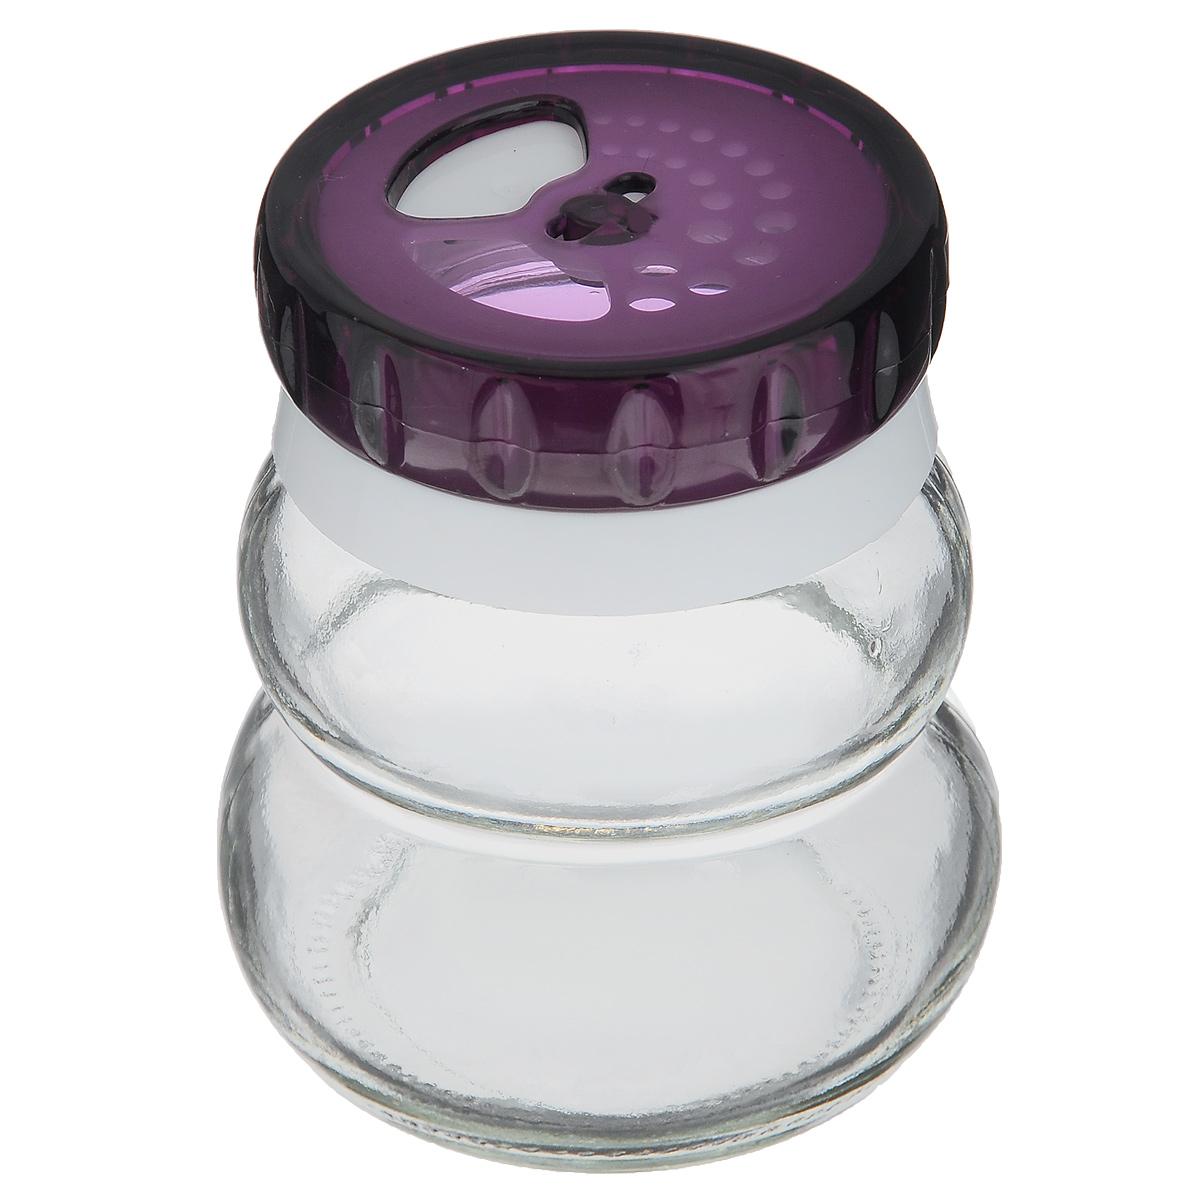 Банка для специй Herevin, цвет: фиолетовый, 200 мл131007-000_фиолетовыйБанка для специй Herevin выполнена из прозрачного стекла иоснащена пластиковой цветной крышкой с отверстиями разного размера,благодаря которым, вы сможете приправить блюда, просто перевернув банку. Крышка снабжена поворотным механизмом, благодаря которому вы сможете регулировать степень подачи специй. Крышка легко откручивается, благодаря чему засыпать приправу внутрь оченьпросто.Такая баночка станет достойным дополнением к вашему кухонному инвентарю. Можно мыть в посудомоечной машине.Объем: 200 мл. Диаметр (по верхнему краю): 4 см. Высота банки (без учета крышки): 7,5 см.